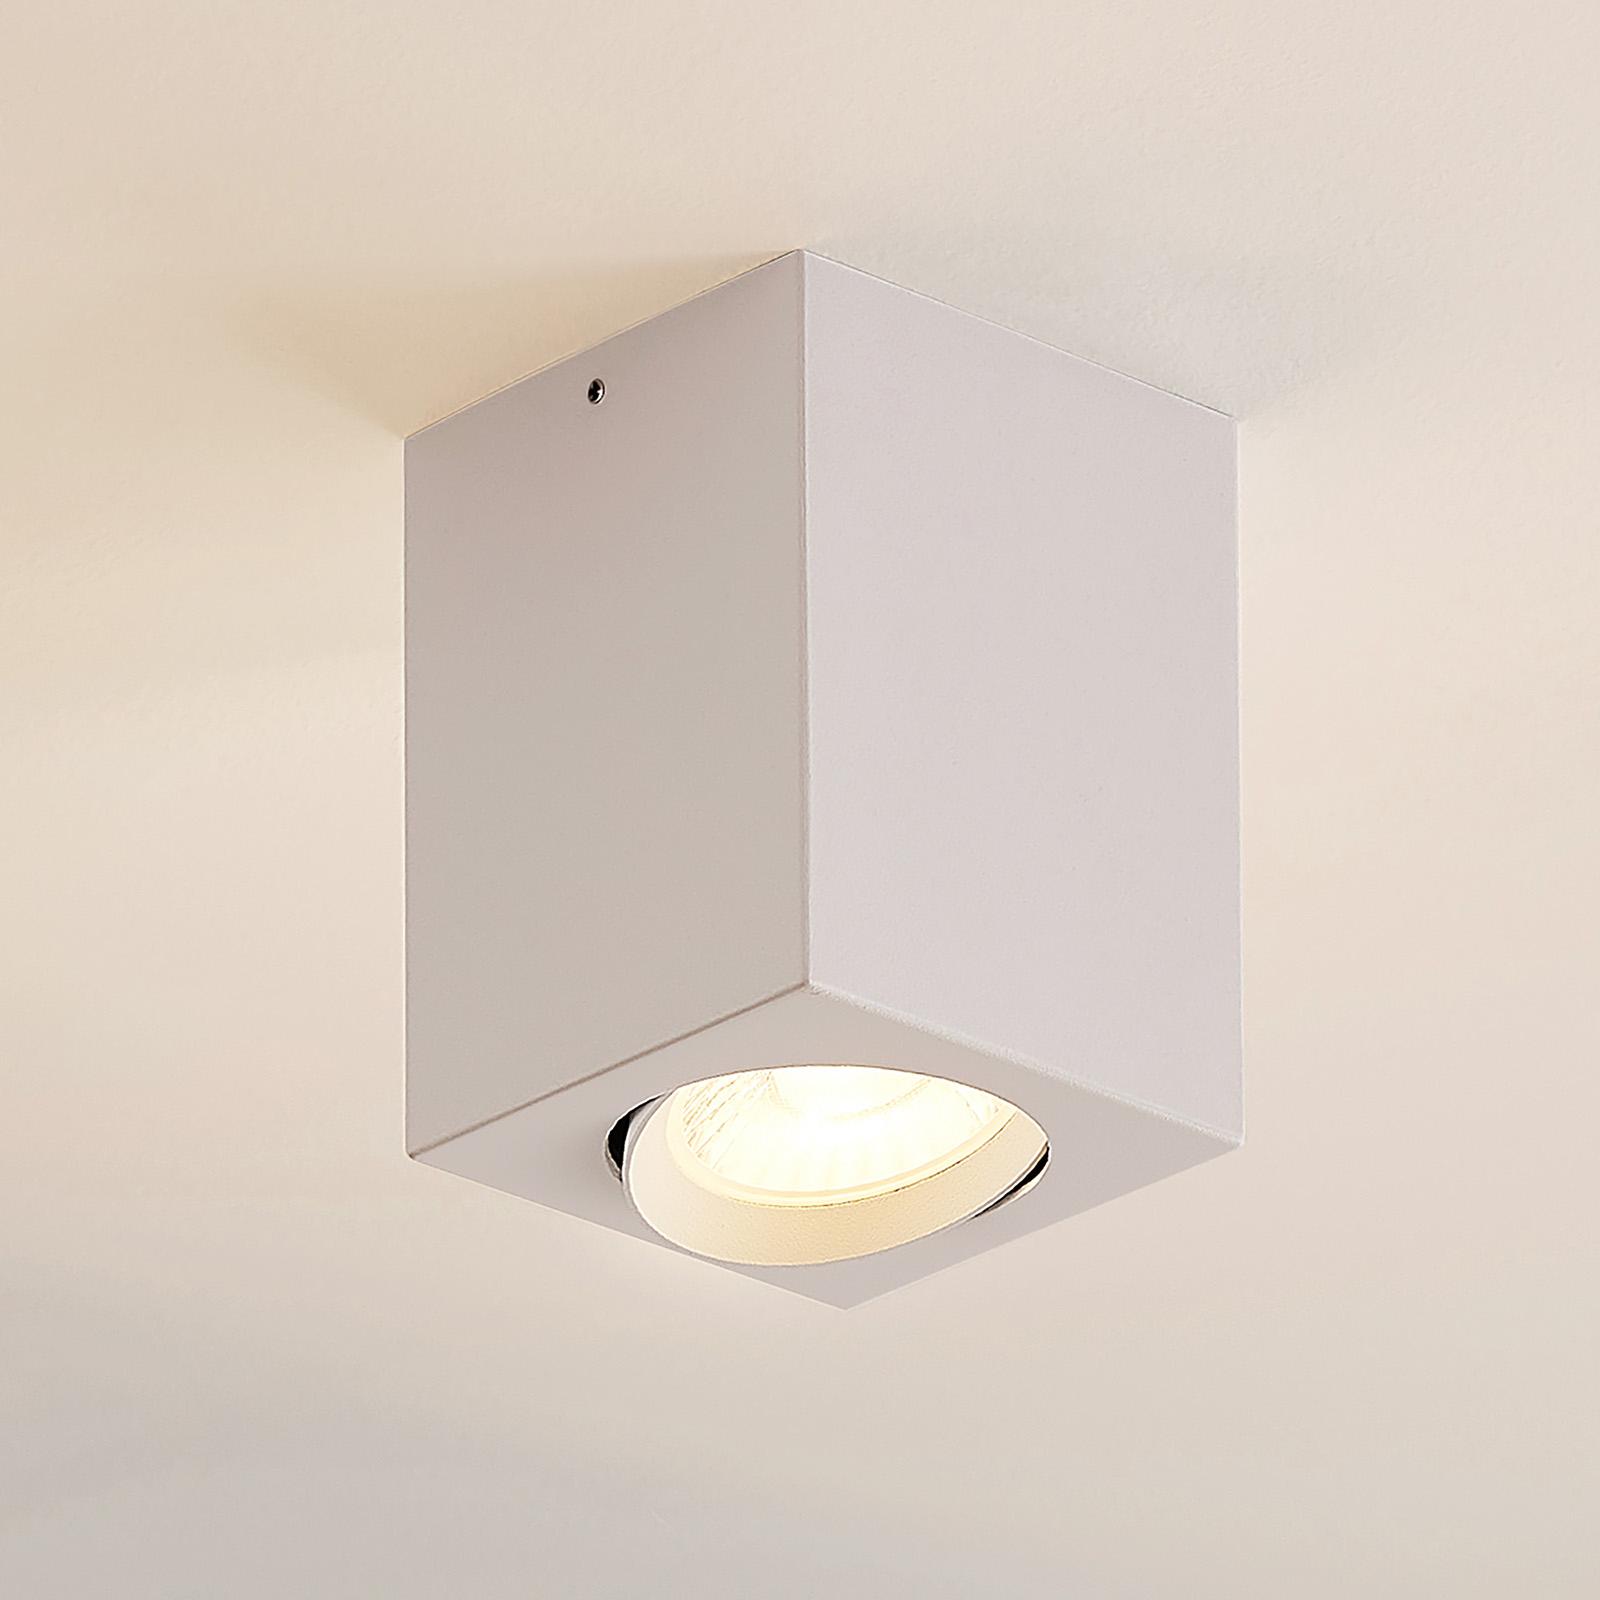 Arcchio Basir LED-kohdevalo, valkoinen, 8 W